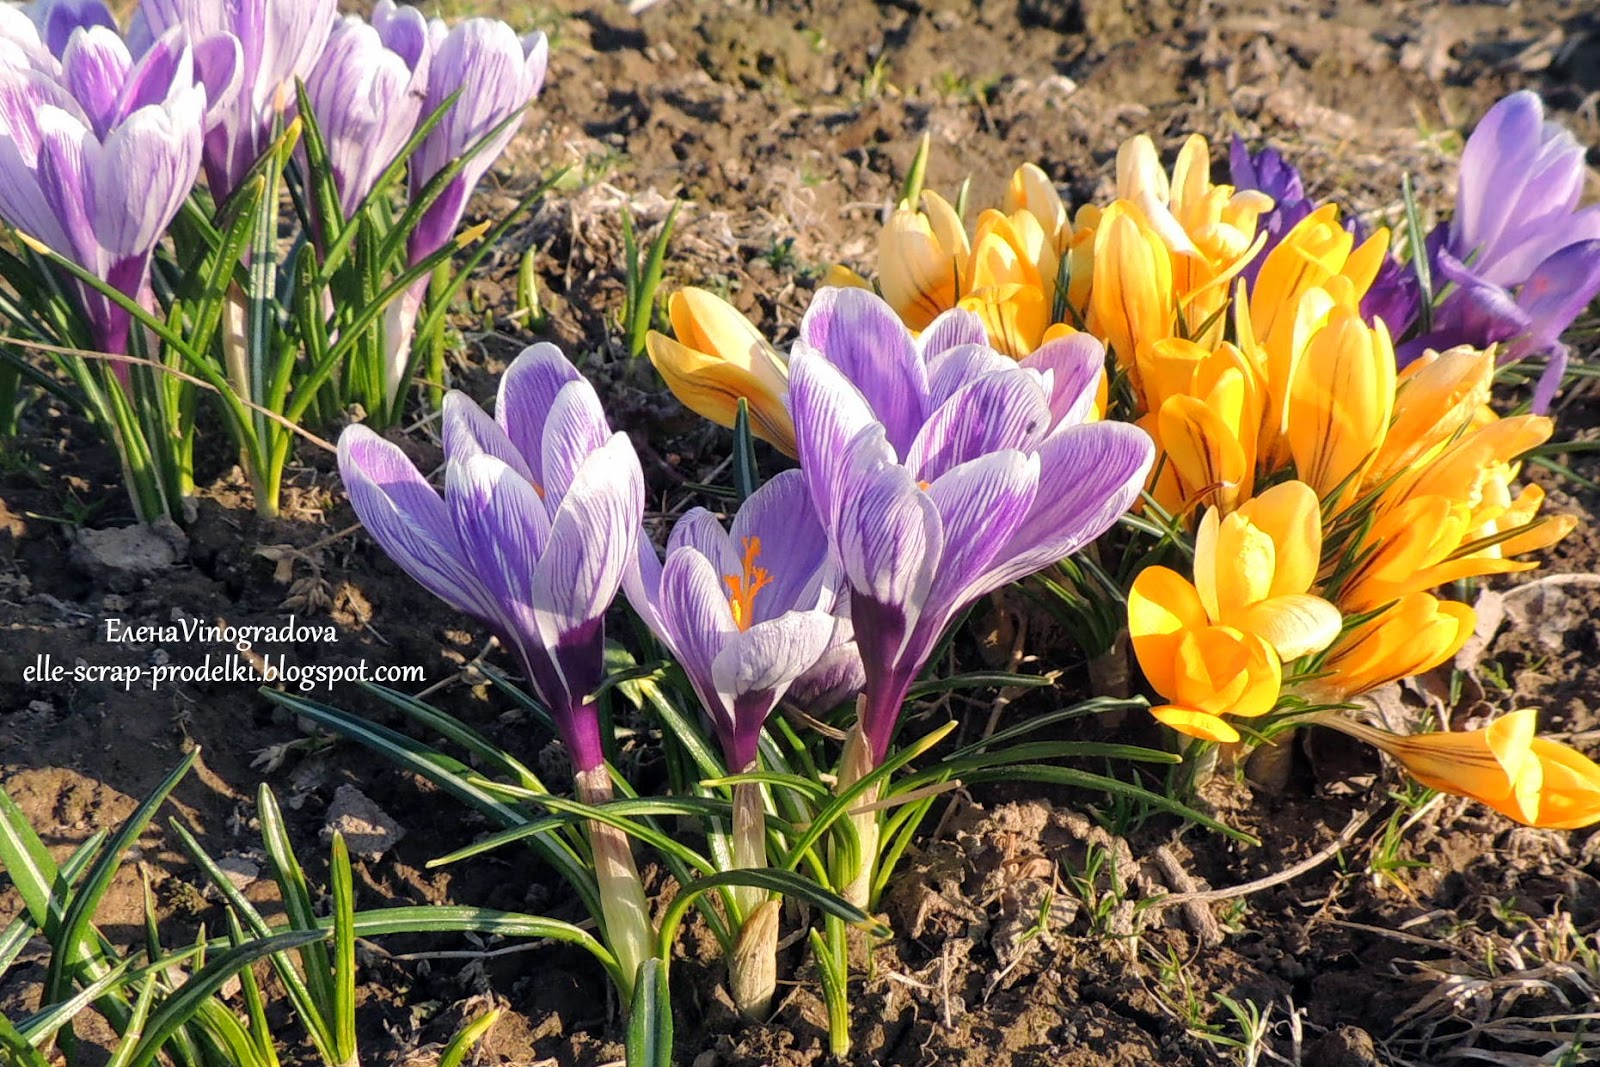 ЕленаVinogradova. Цветы нашего сада #3